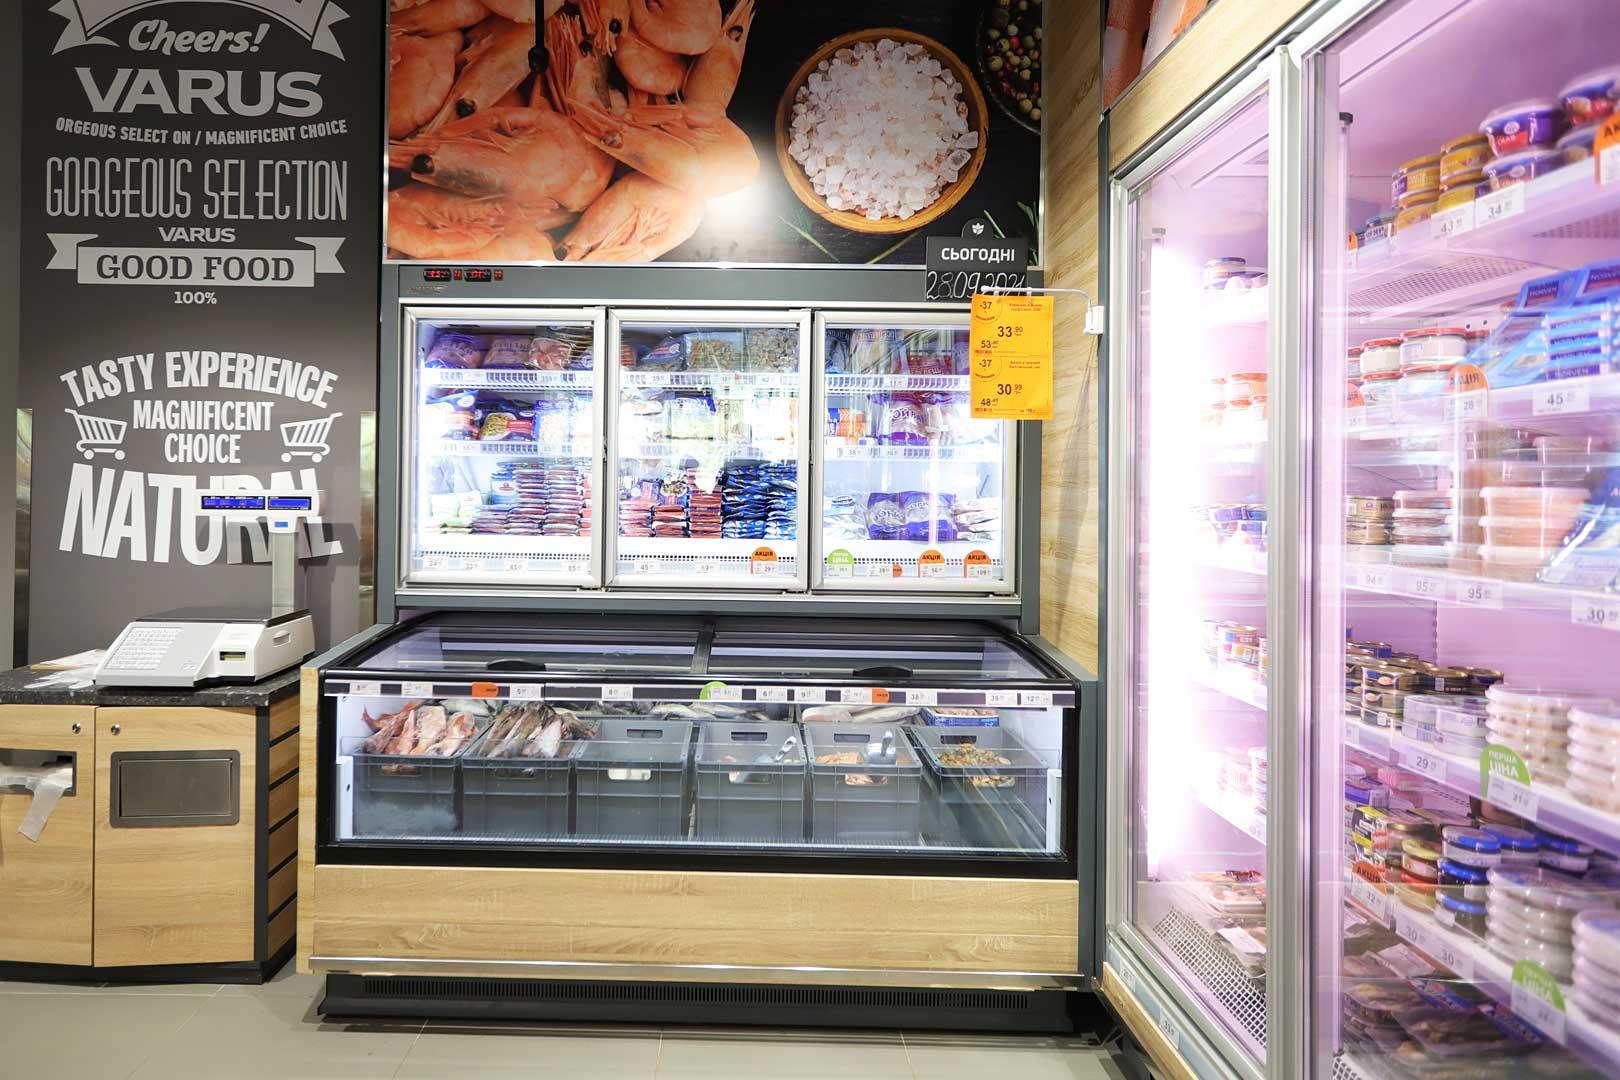 Холодильна пристінна вітрина Louisiana MV 090 LT D 225-DLМ, вітрина для заморожених продуктів Аlaska combi 2 MHV 110 LT D/C 200-DLM-MD, супермаркет VARUS